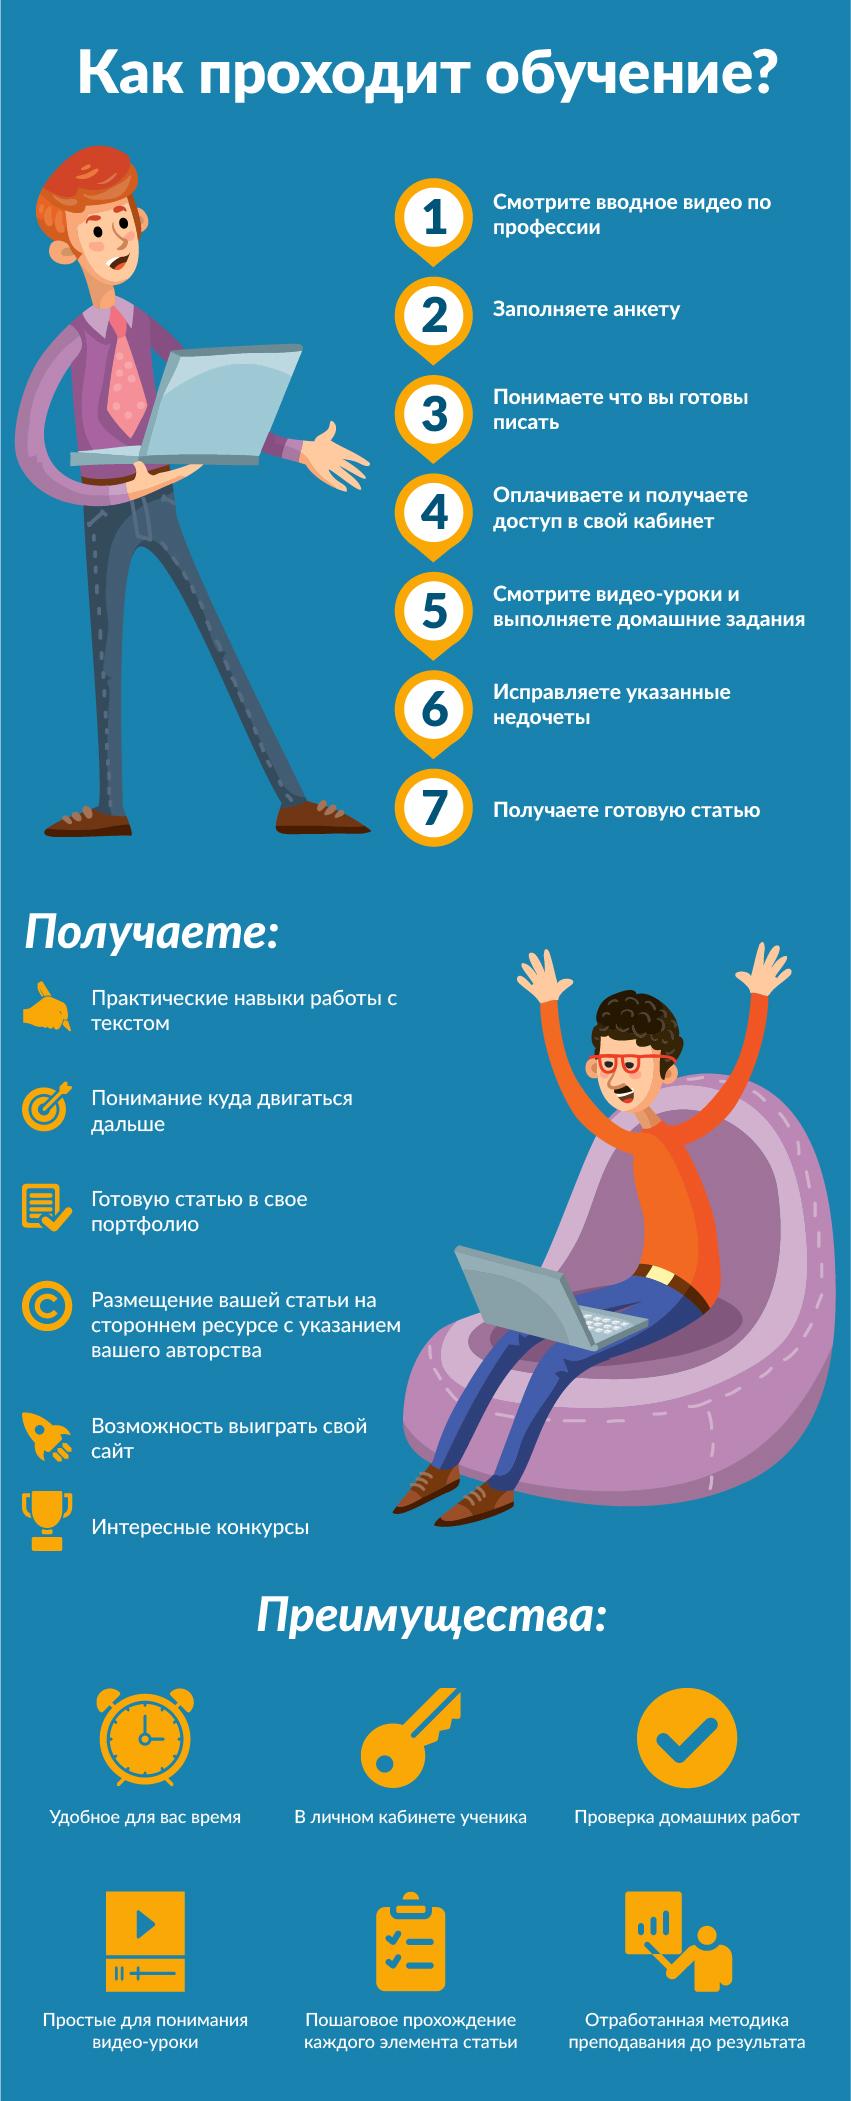 Как проходит обучение2